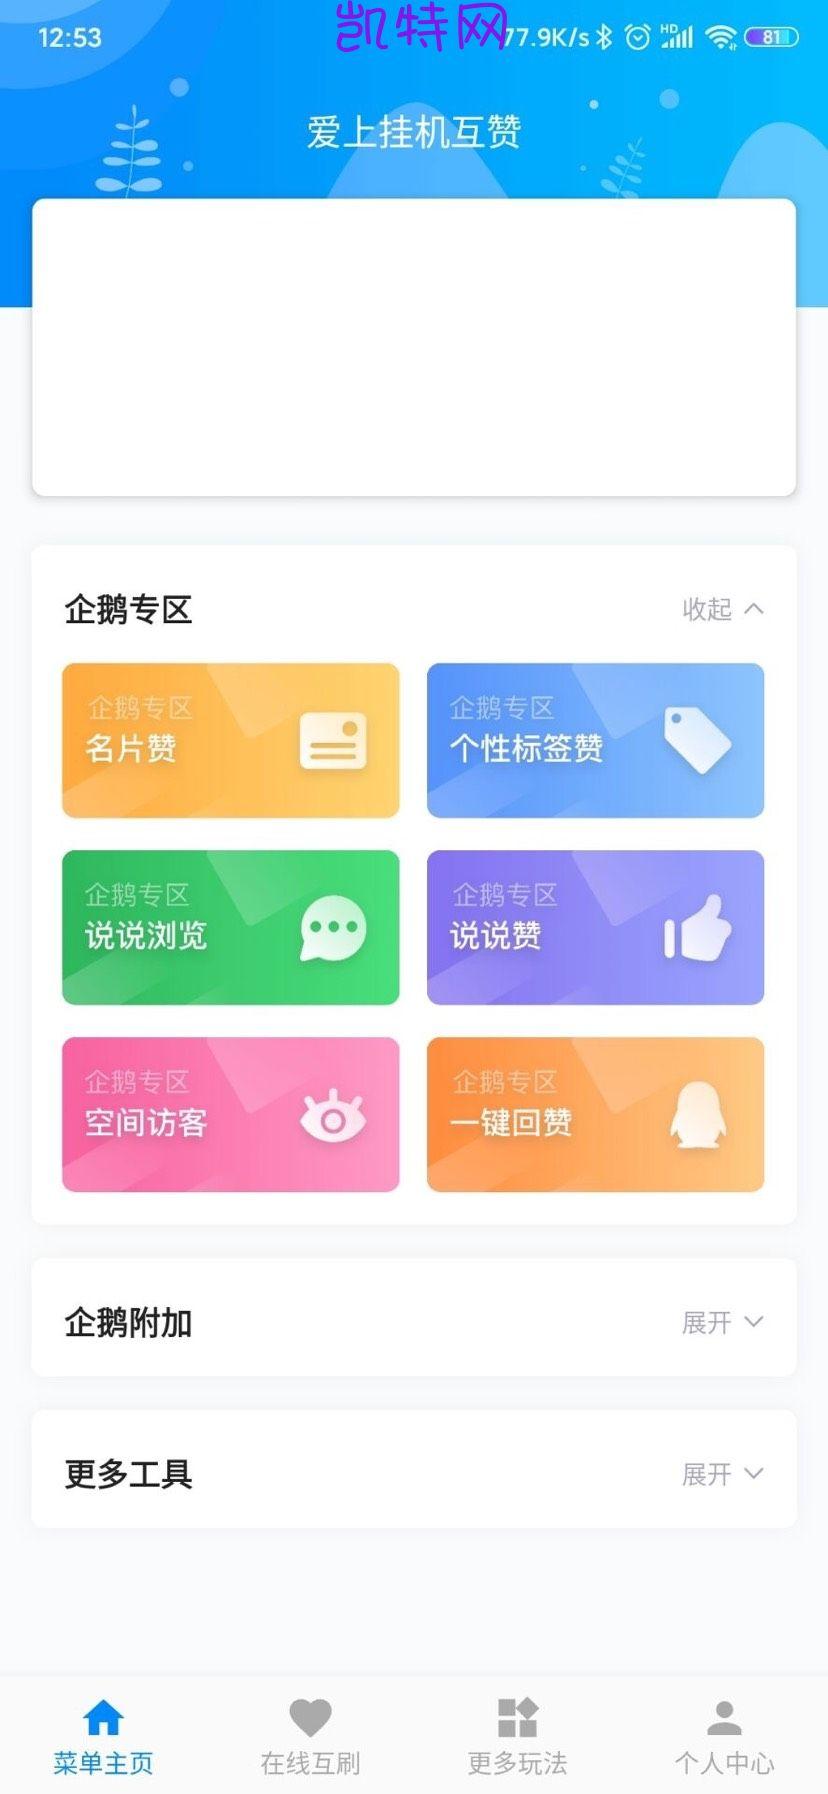 【分享】爱上挂机互赞8.9.1修复闪退修复卡页面问题等